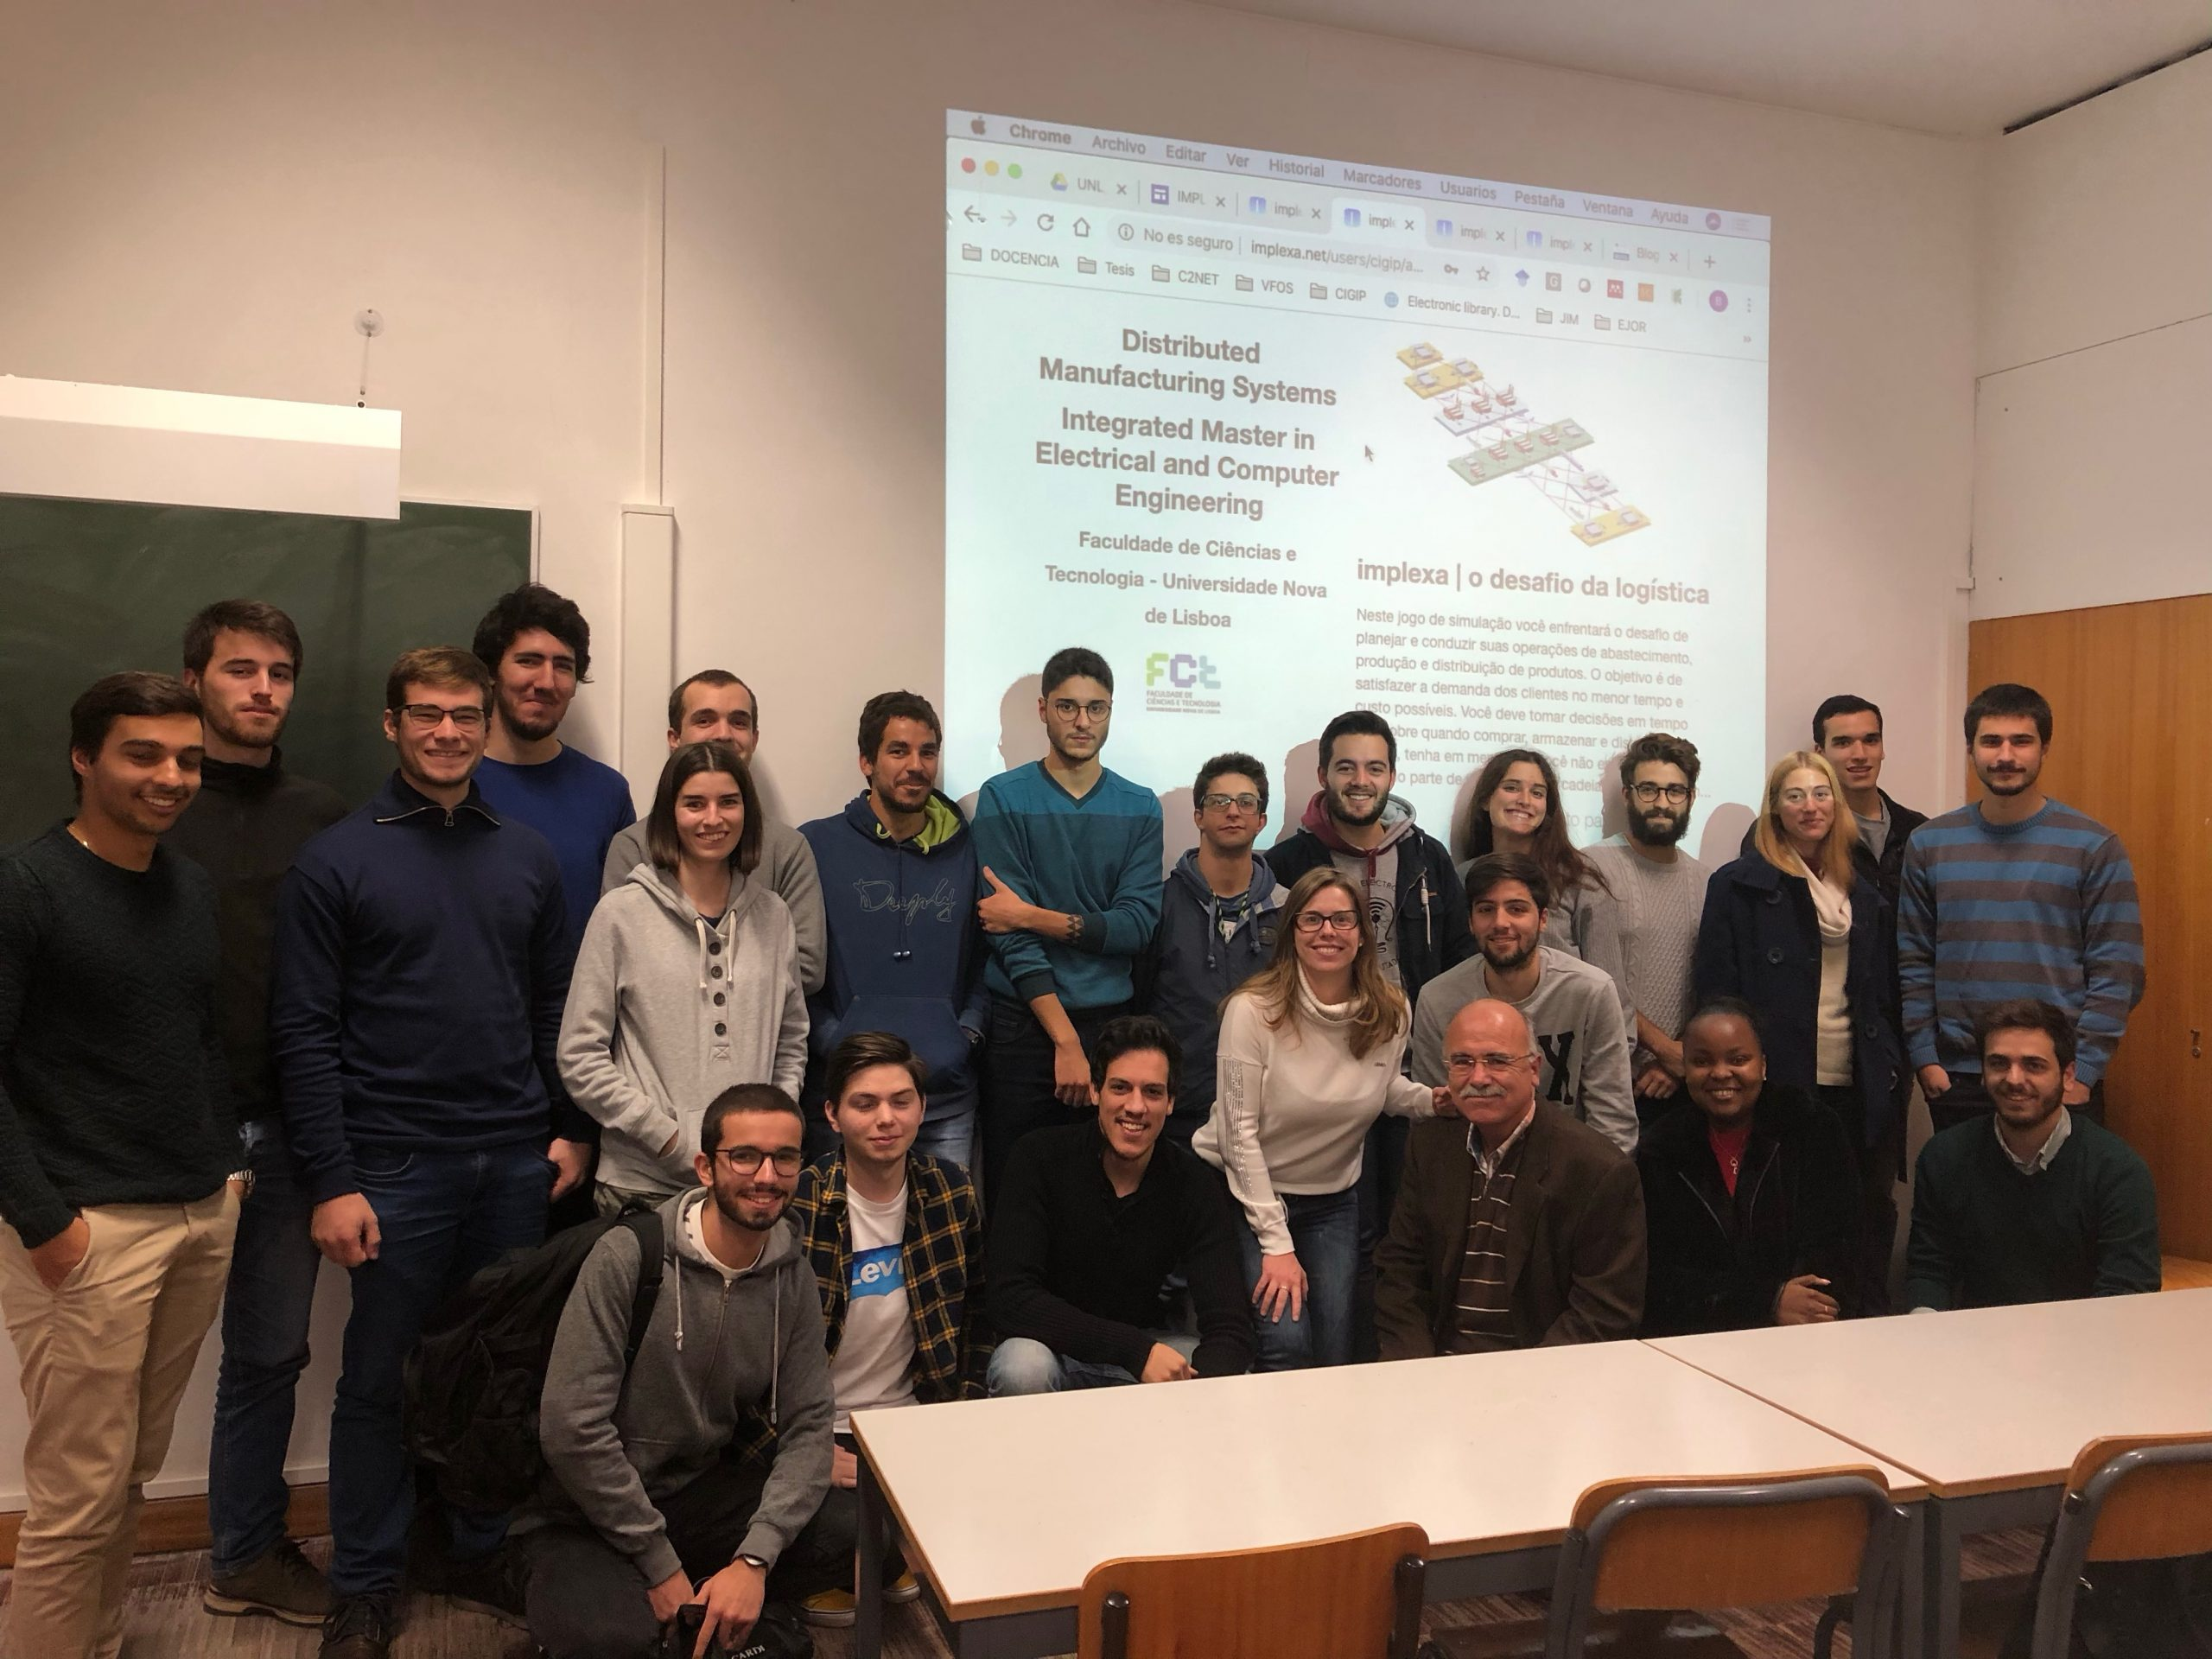 implexa viaja a la Universidade Nova de Lisboa